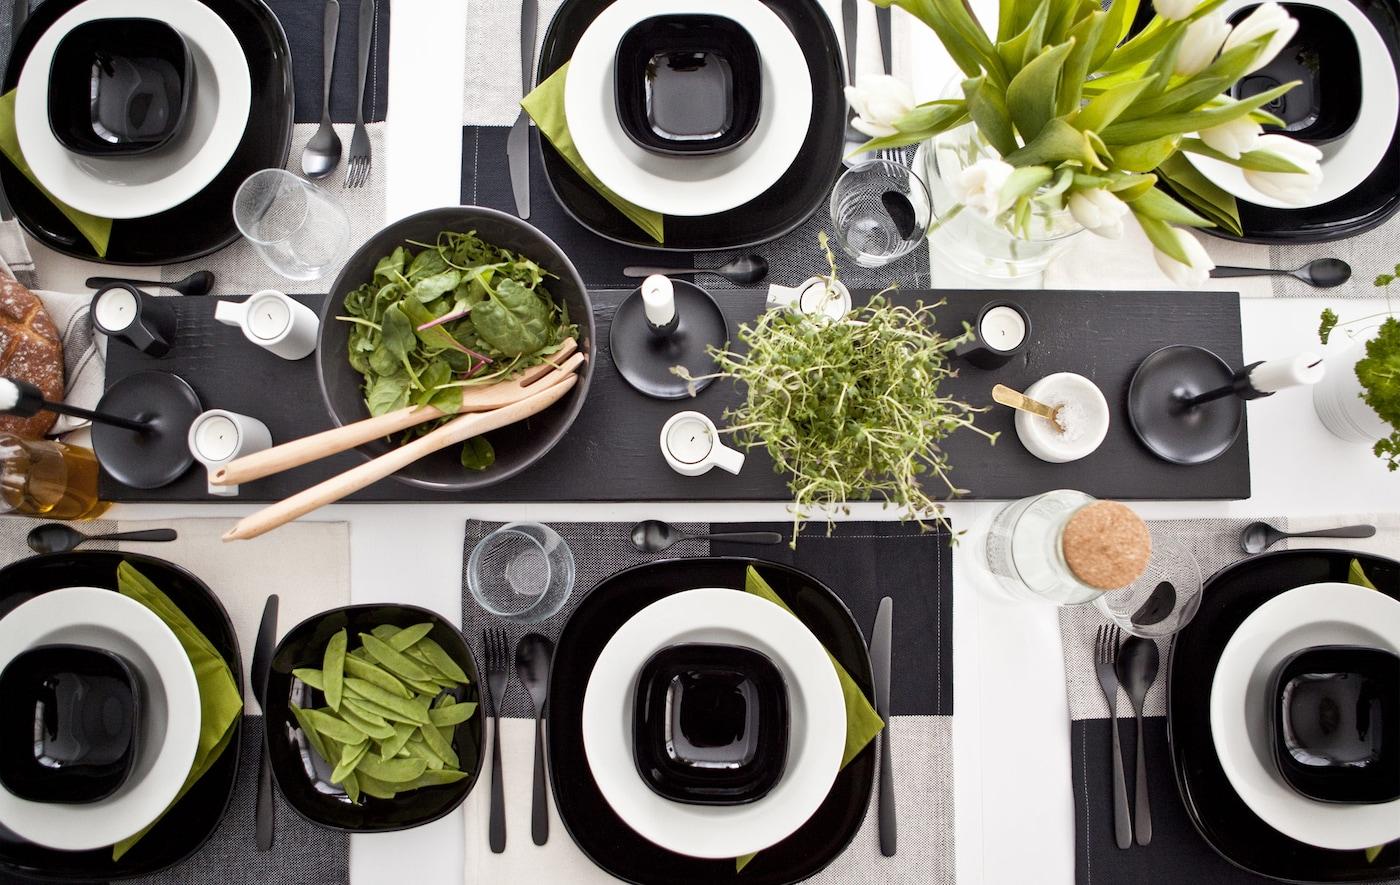 Svart og hvit borddekking med grønne innslag som planter, mat og servietter.